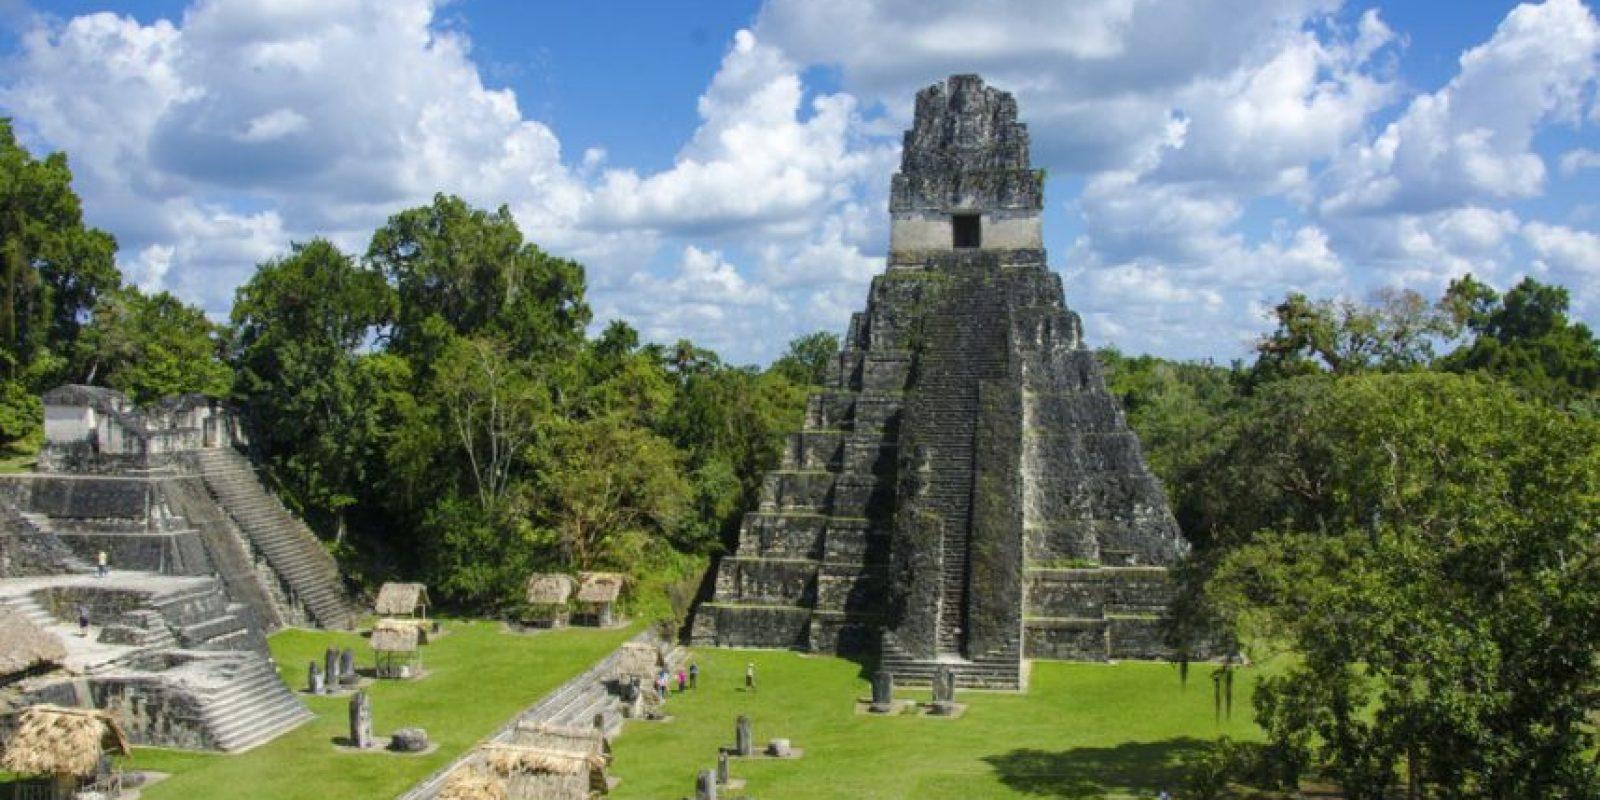 Tampoco se te ocurra ir a Tikal, Petén Foto:http://www.buzzfeed.com